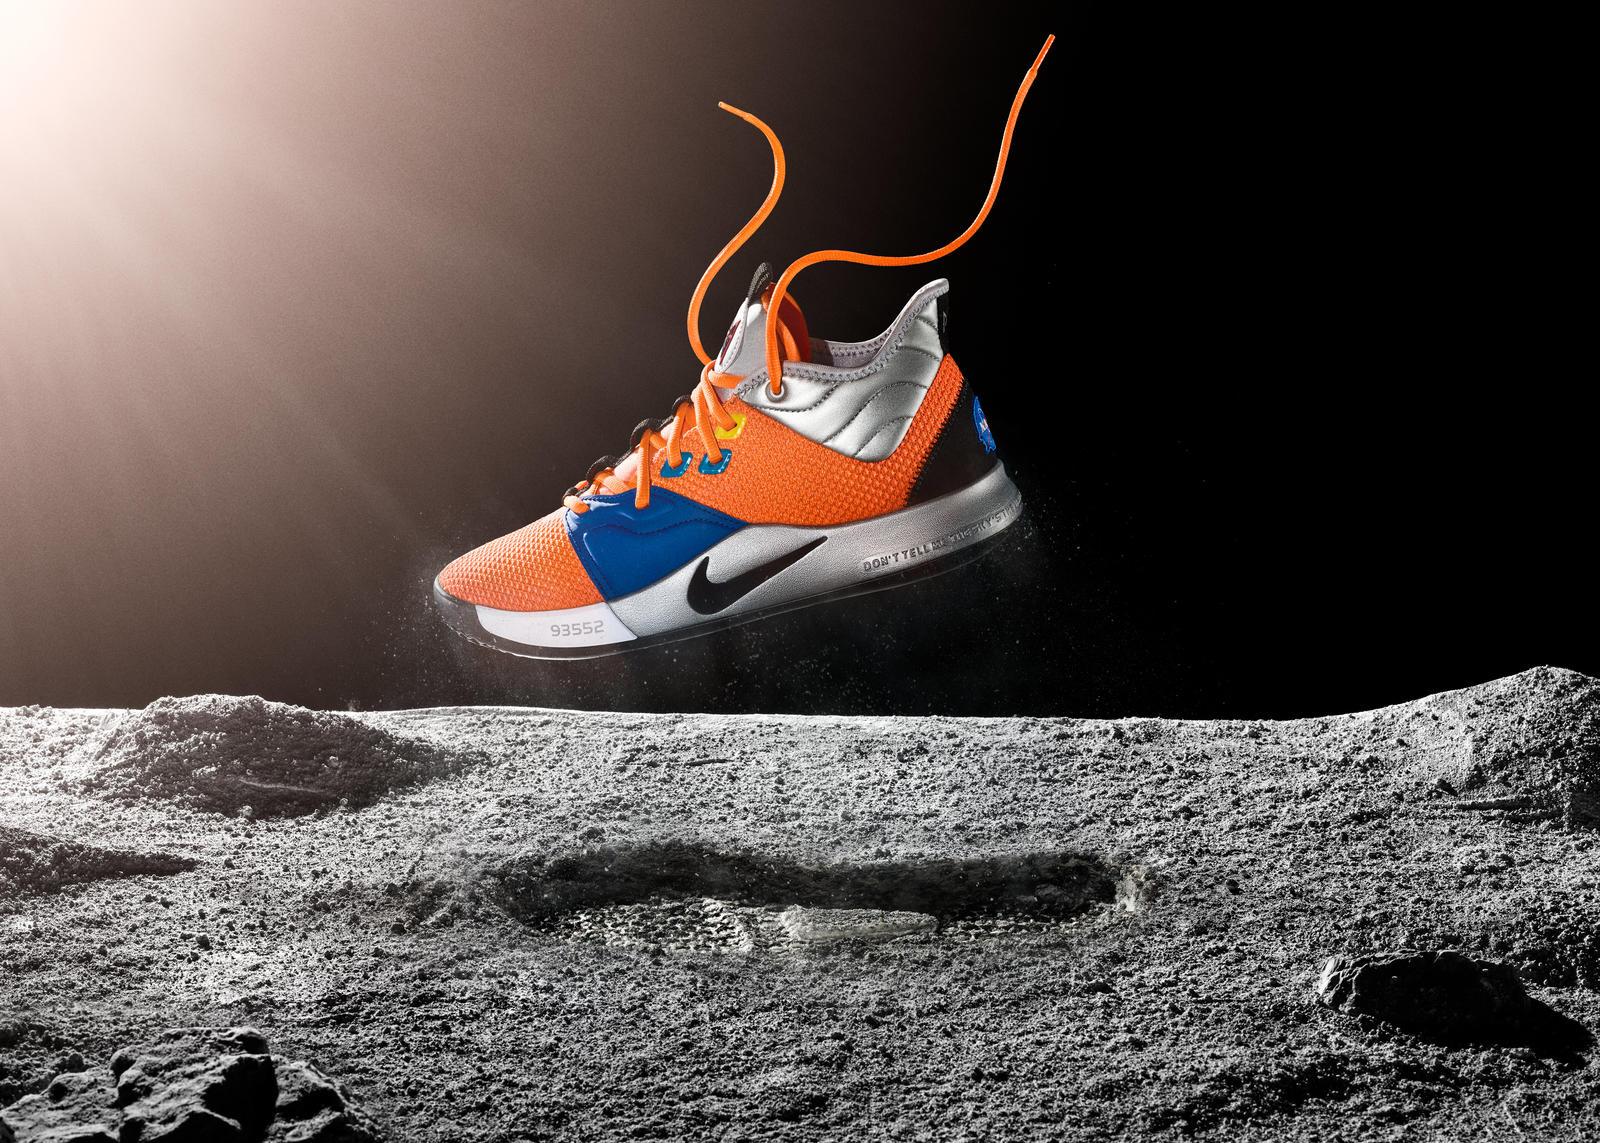 Nike'tan Çocukların Birkaç Ayda Bir Ayakkabı Yenilemesine İzin Veren Abonelik Servisi